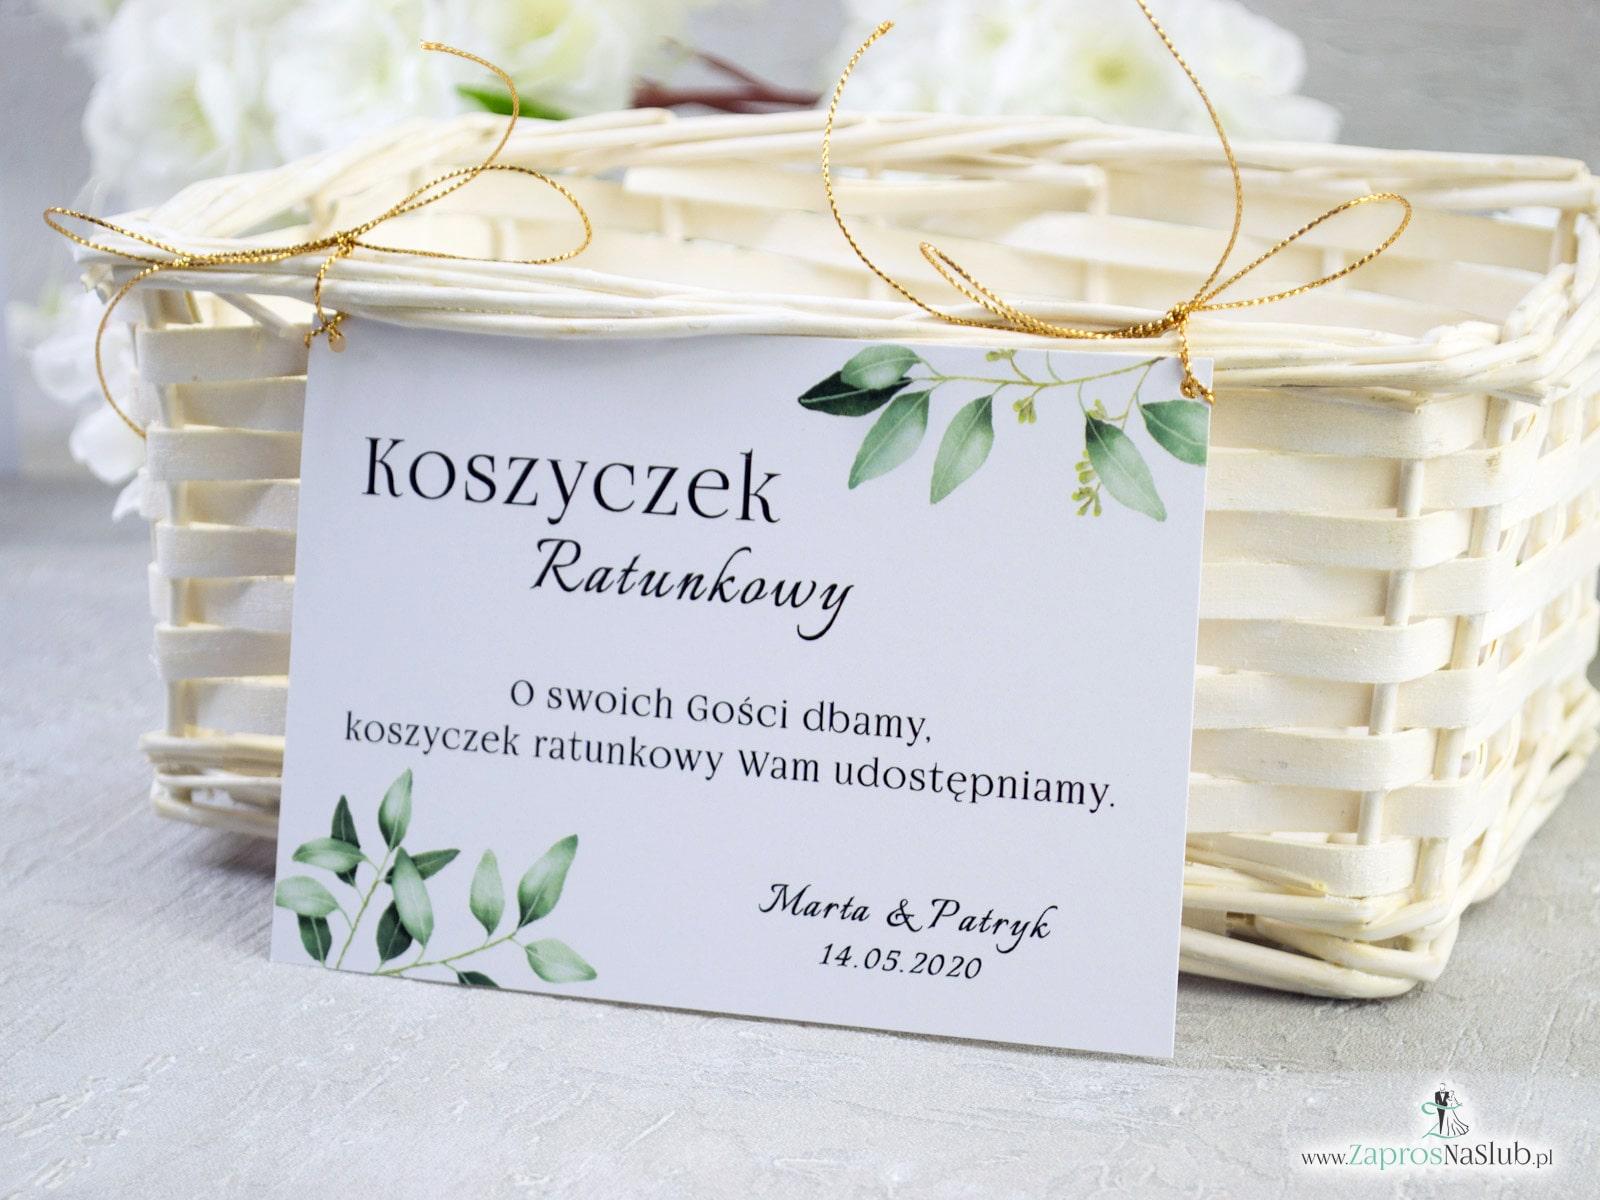 Koszyczek ratunkowy w stylu rustykalnym z motywem zielonych liści. KOS-115  - Zaproszenia ślubne ZaprosNaSlub